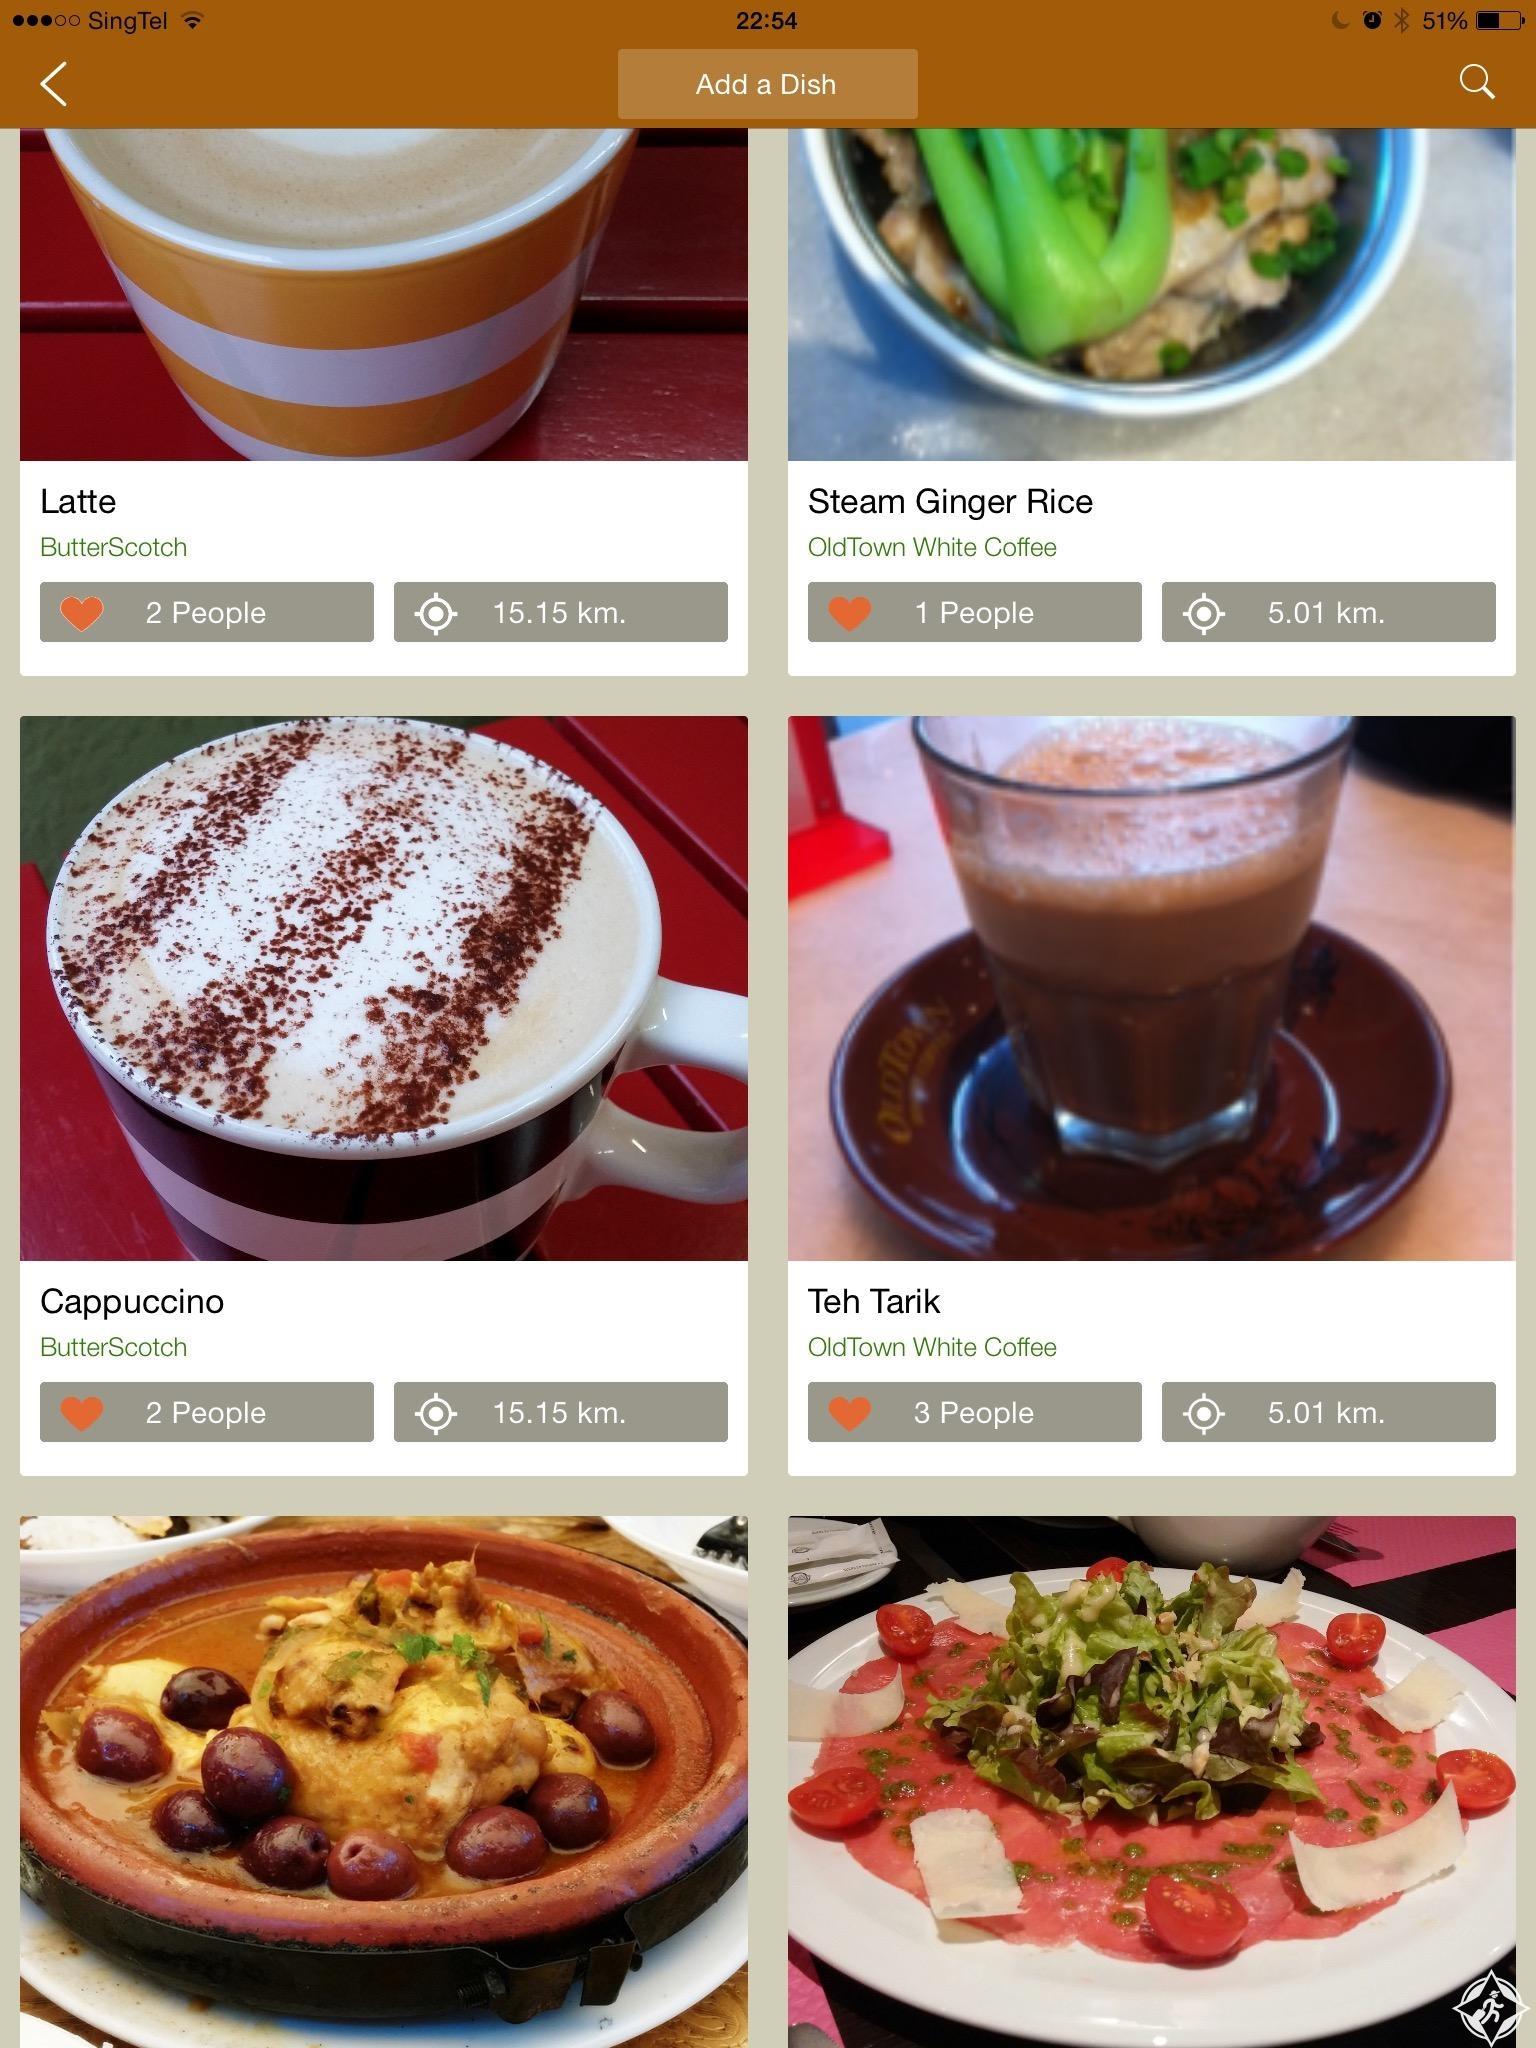 HalalTrip تطبيق إلكتروني يتيح لصاحبه تحديد مواقع المطاعم الحلال والمساجد عالميا